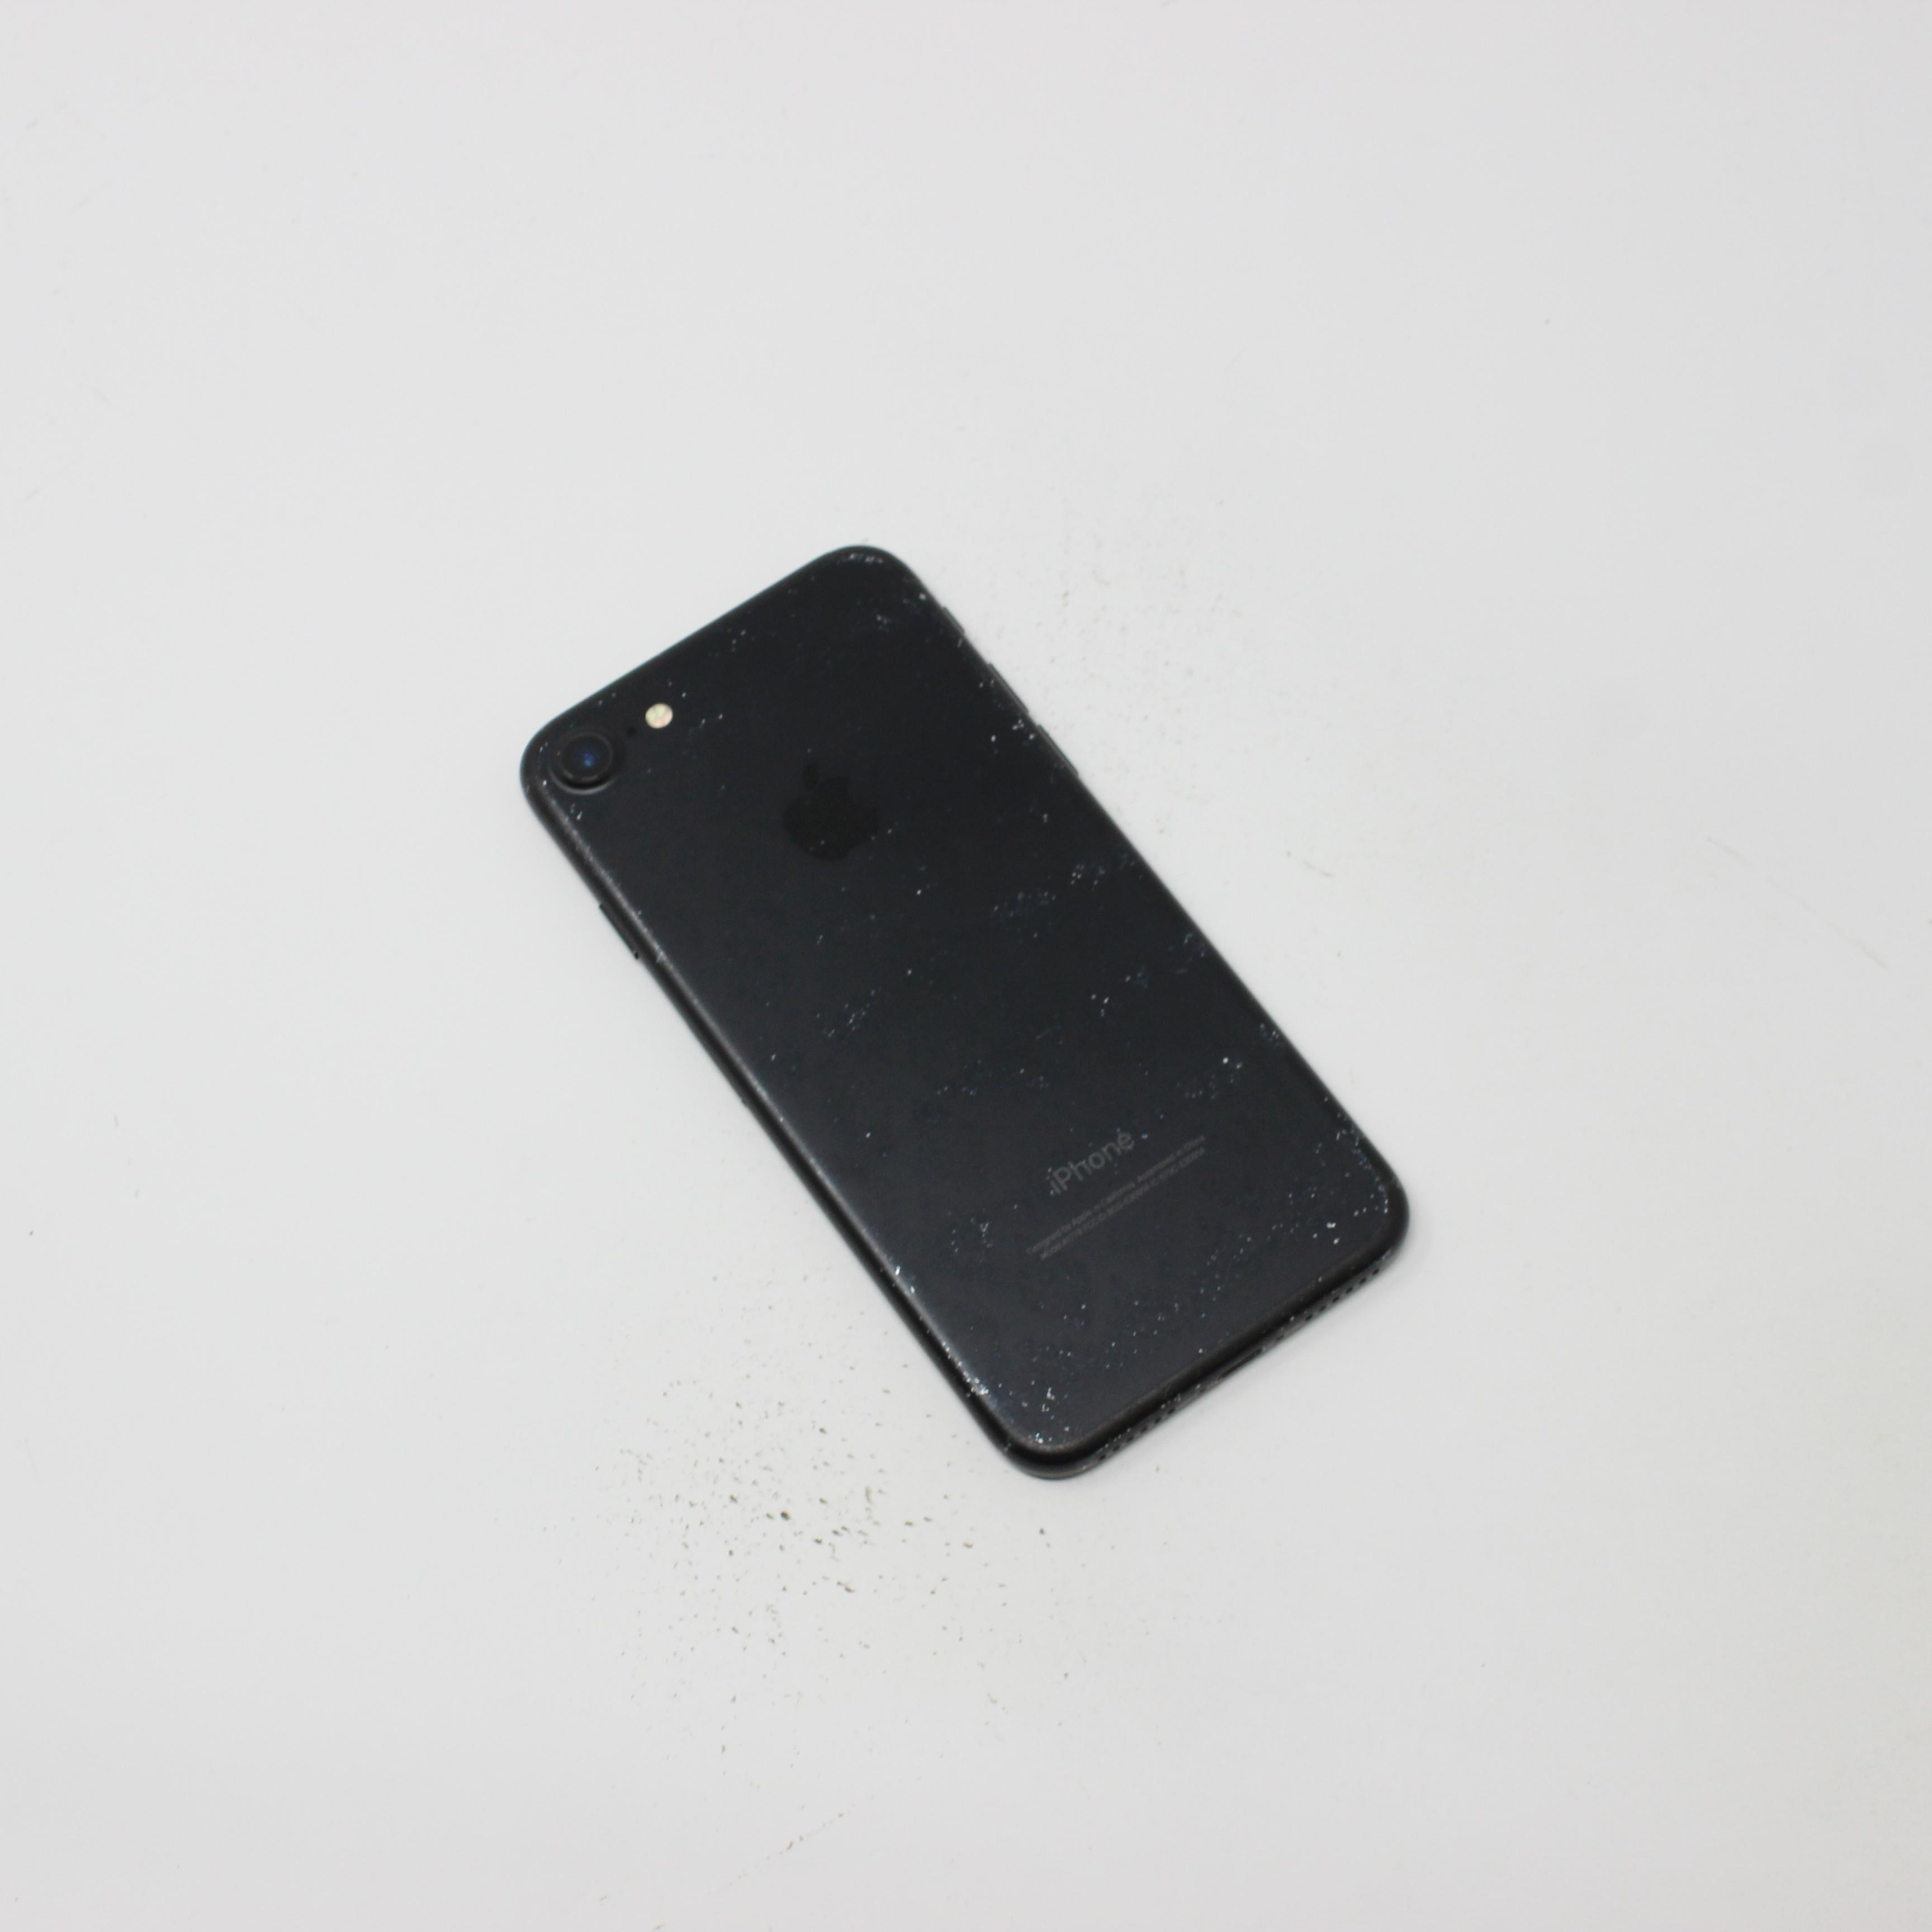 iPhone 7 128GB Black - AT&T photo 3   UpTradeit.com